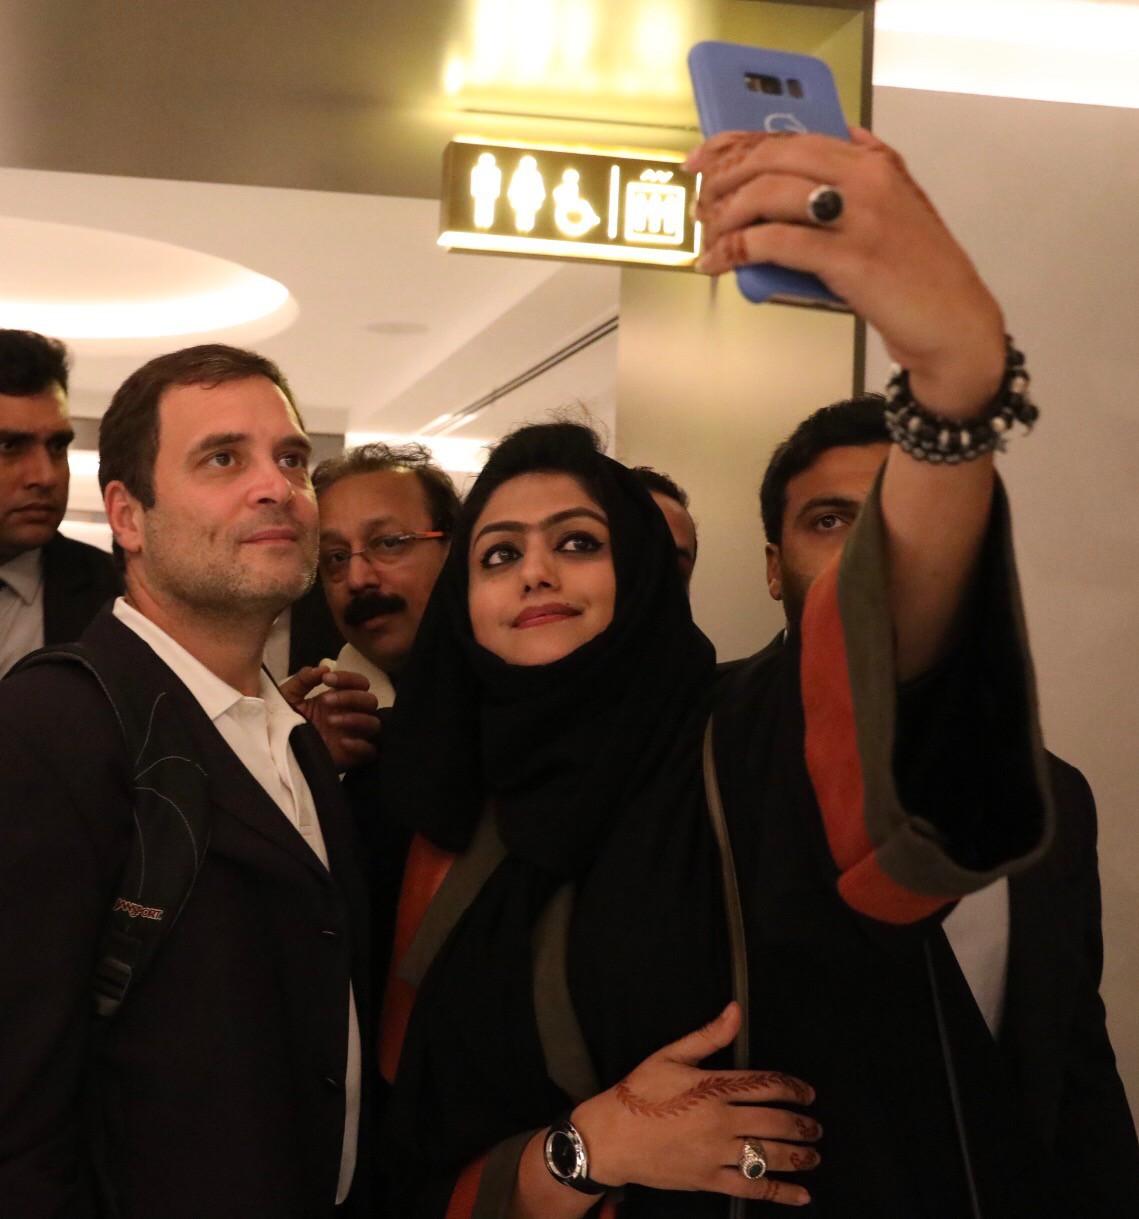 राहुल गांधी 11-12 जानेवारीला आयोजित युएई प्रवासावेळी दुबईमध्ये स्थित भारतील लोकांच्या भेटीगाठी घेणार आहेत.